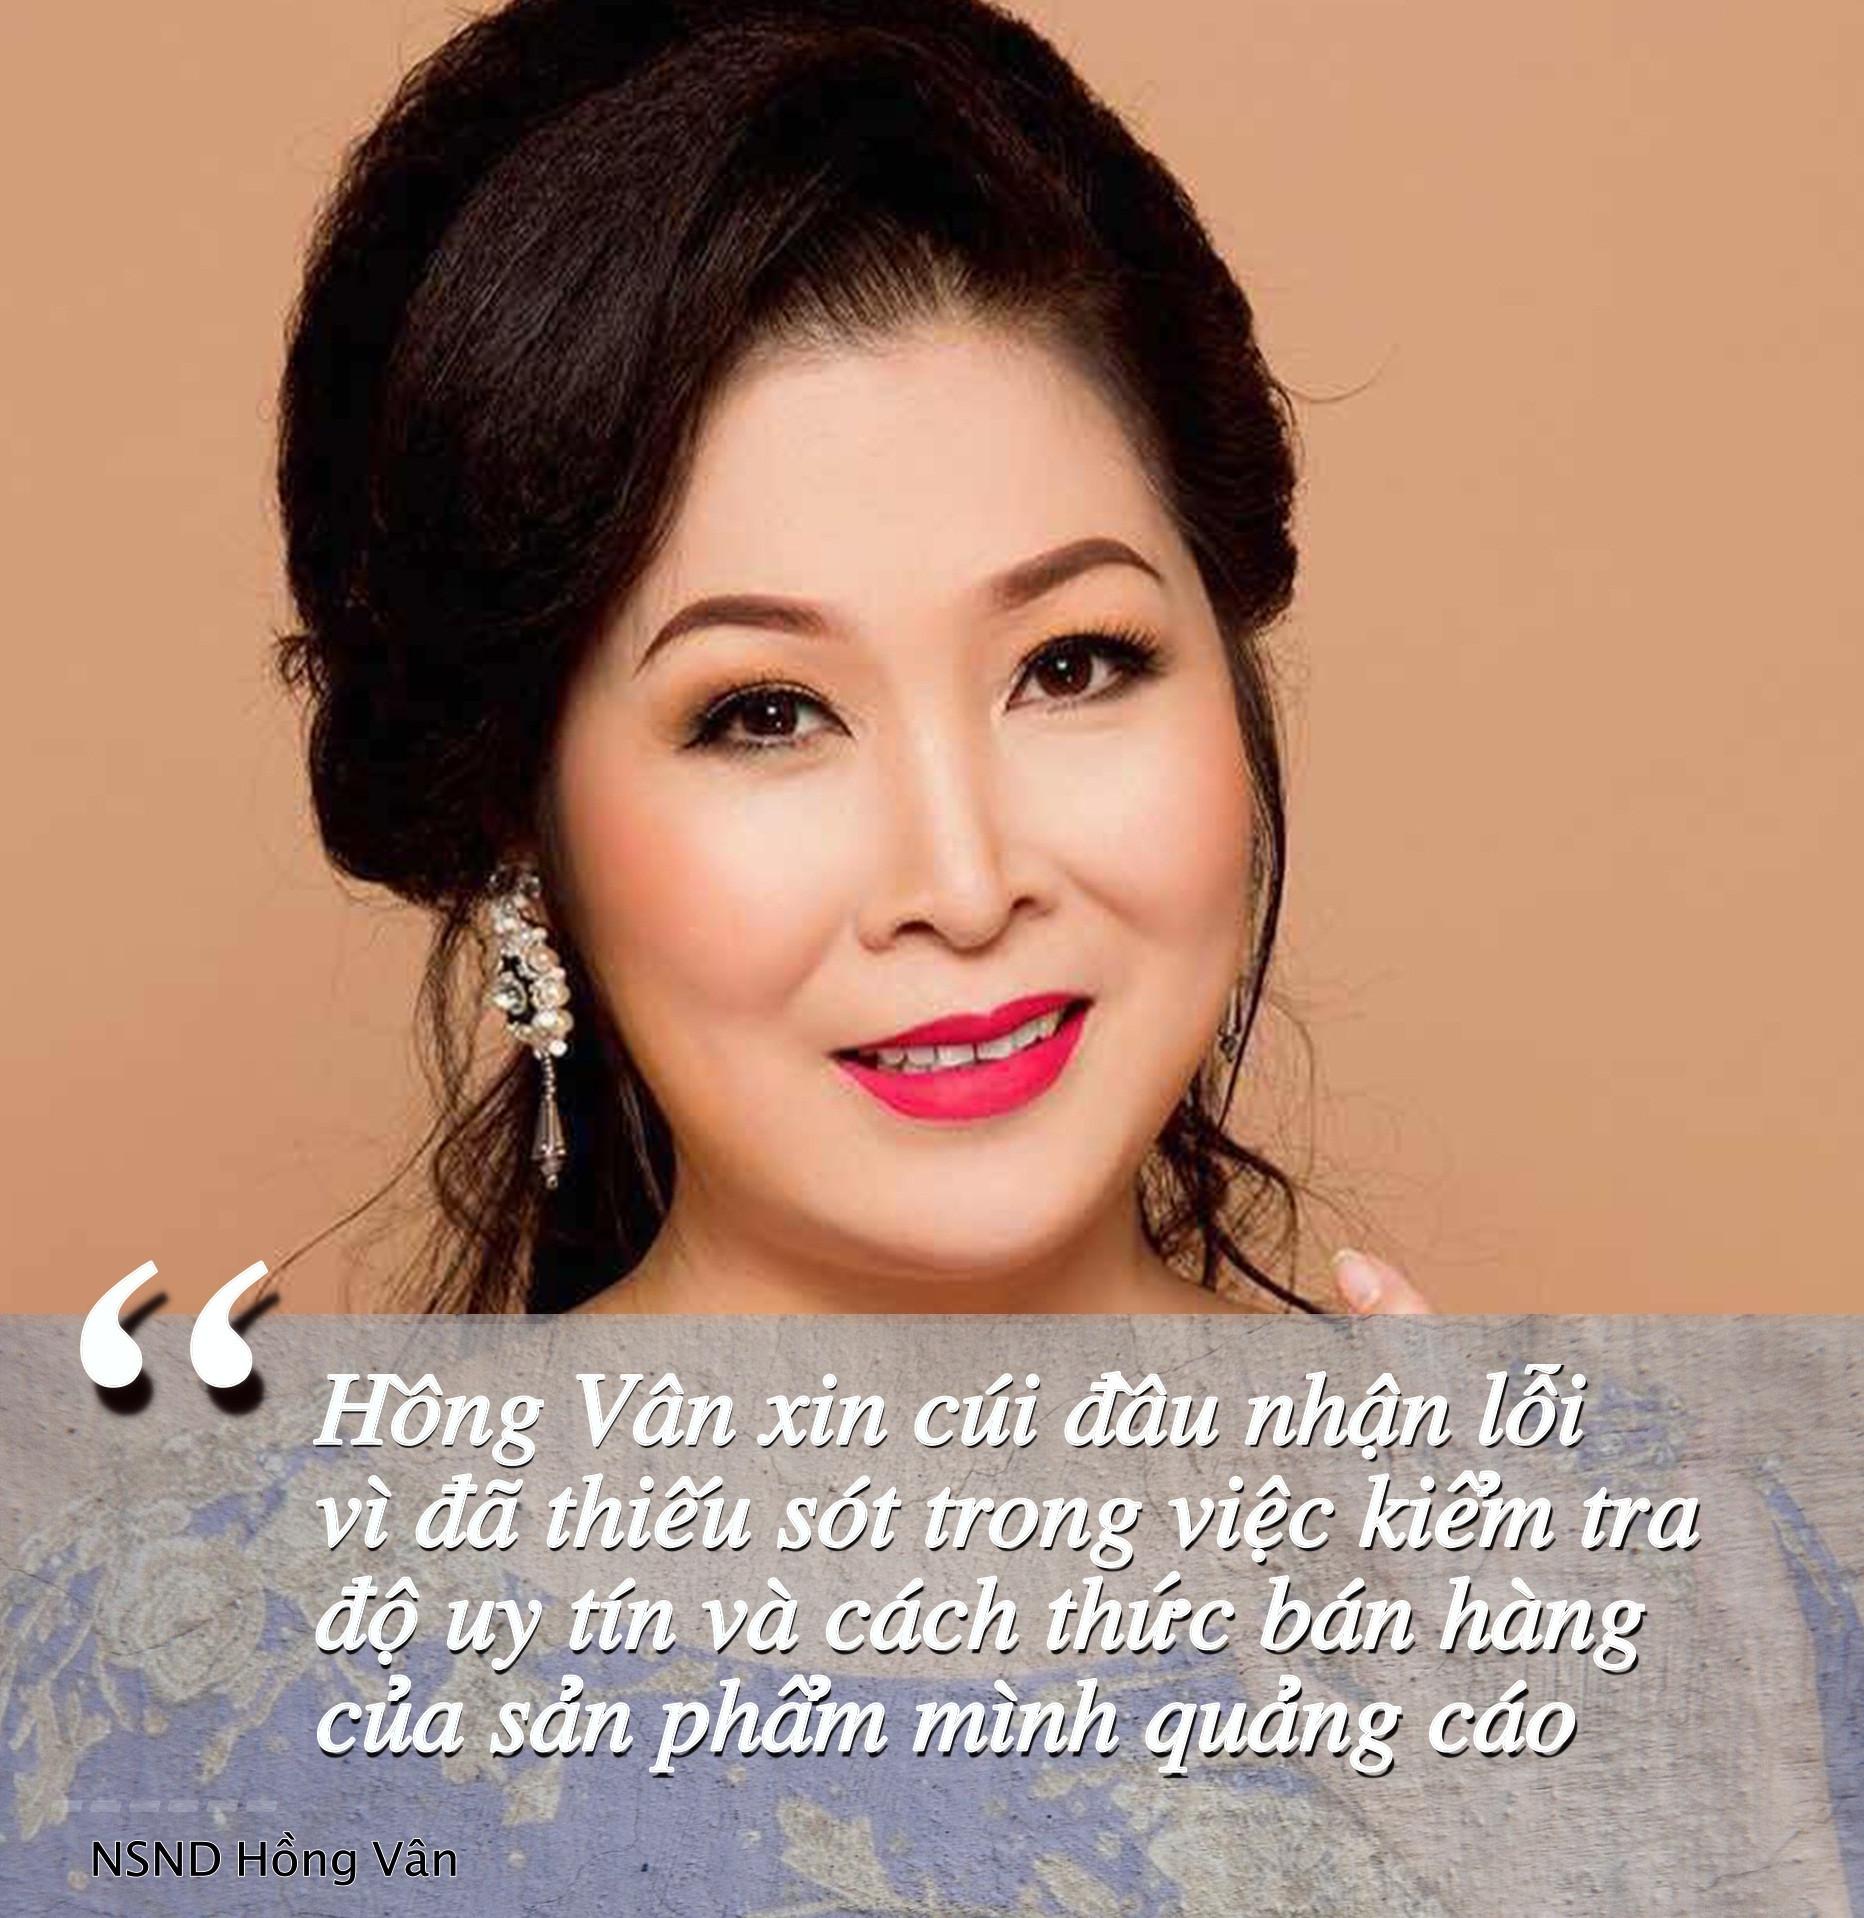 Nhìn lại 6 tháng đầy mất mát, chao đảo vì scandal của showbiz Việt-7